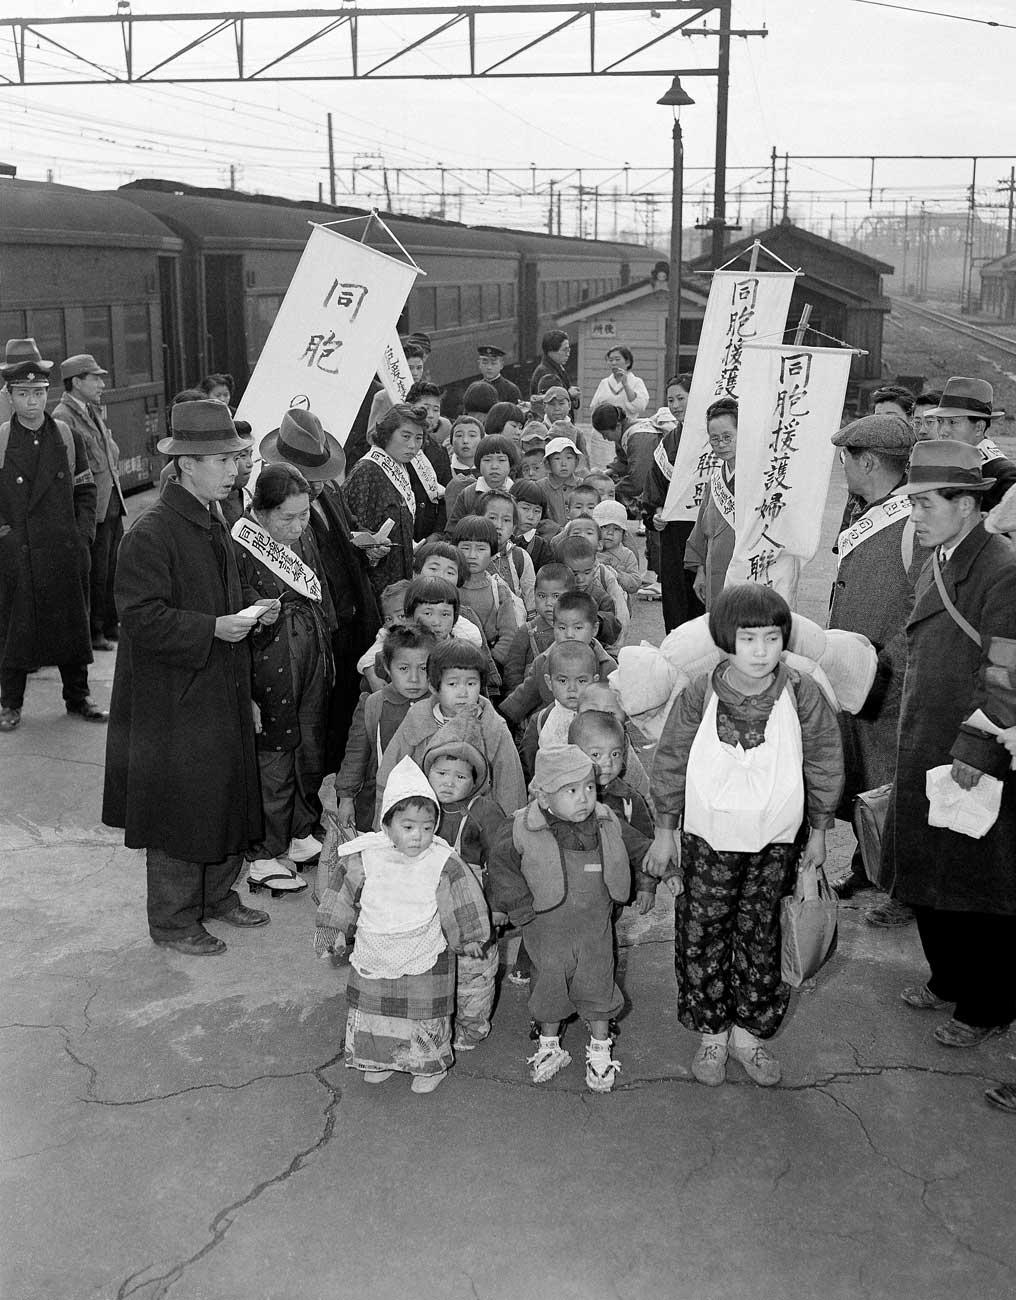 終戦翌年、満州からの引揚者たちを東京に運んだ電車